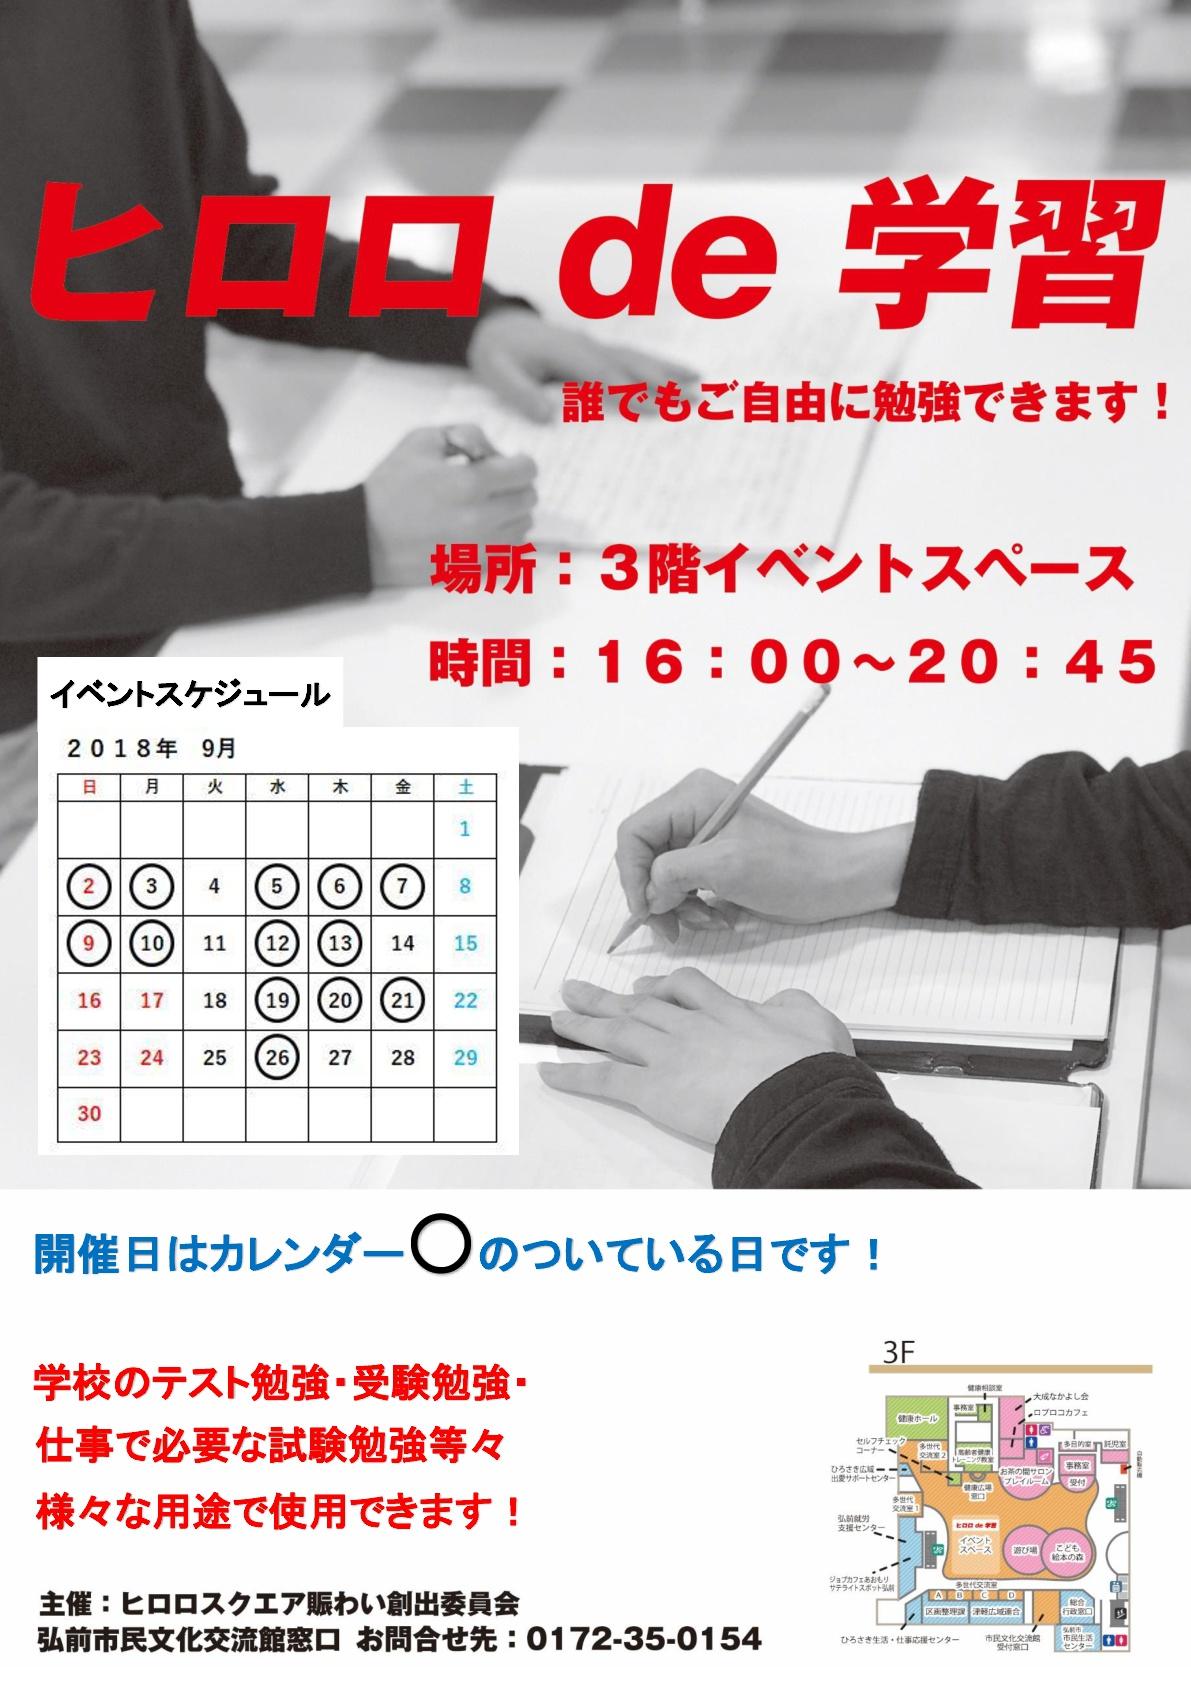 ヒロロde学習チラシ9月.jpg